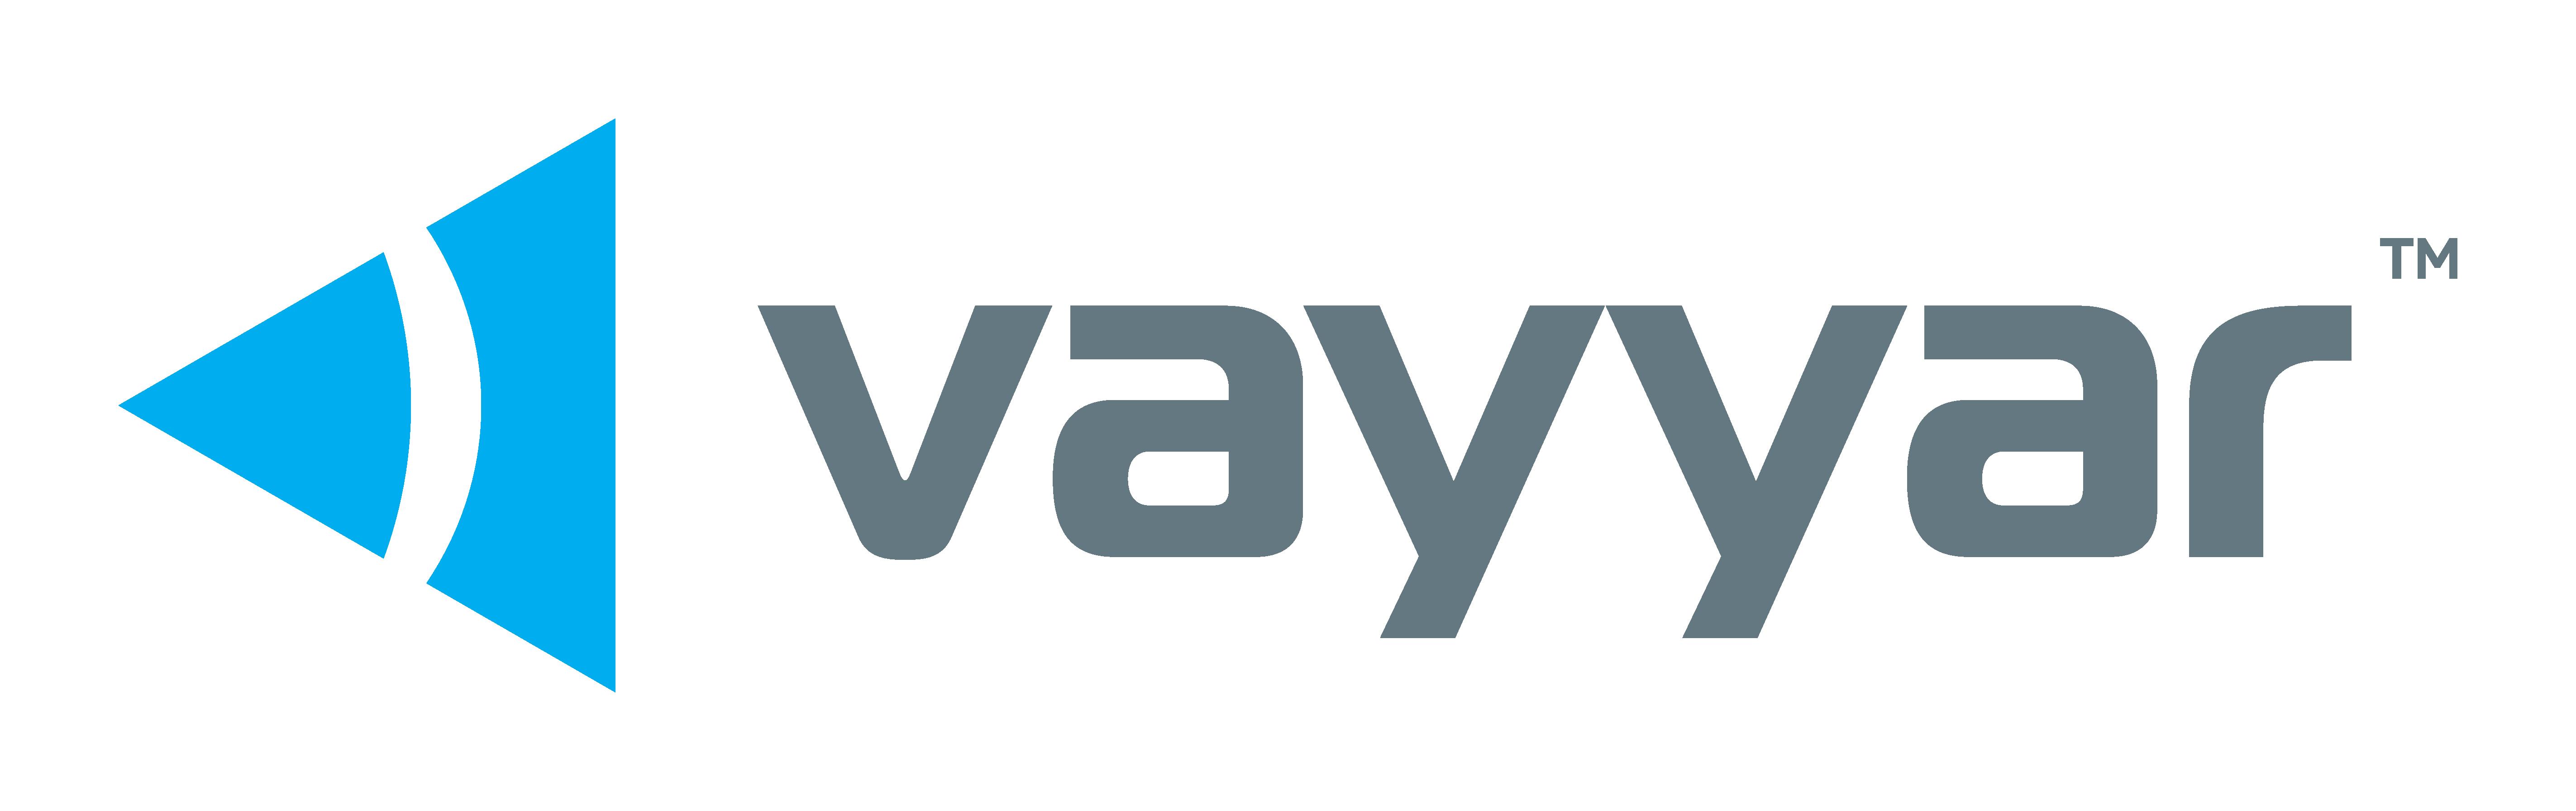 Vayyar-logo